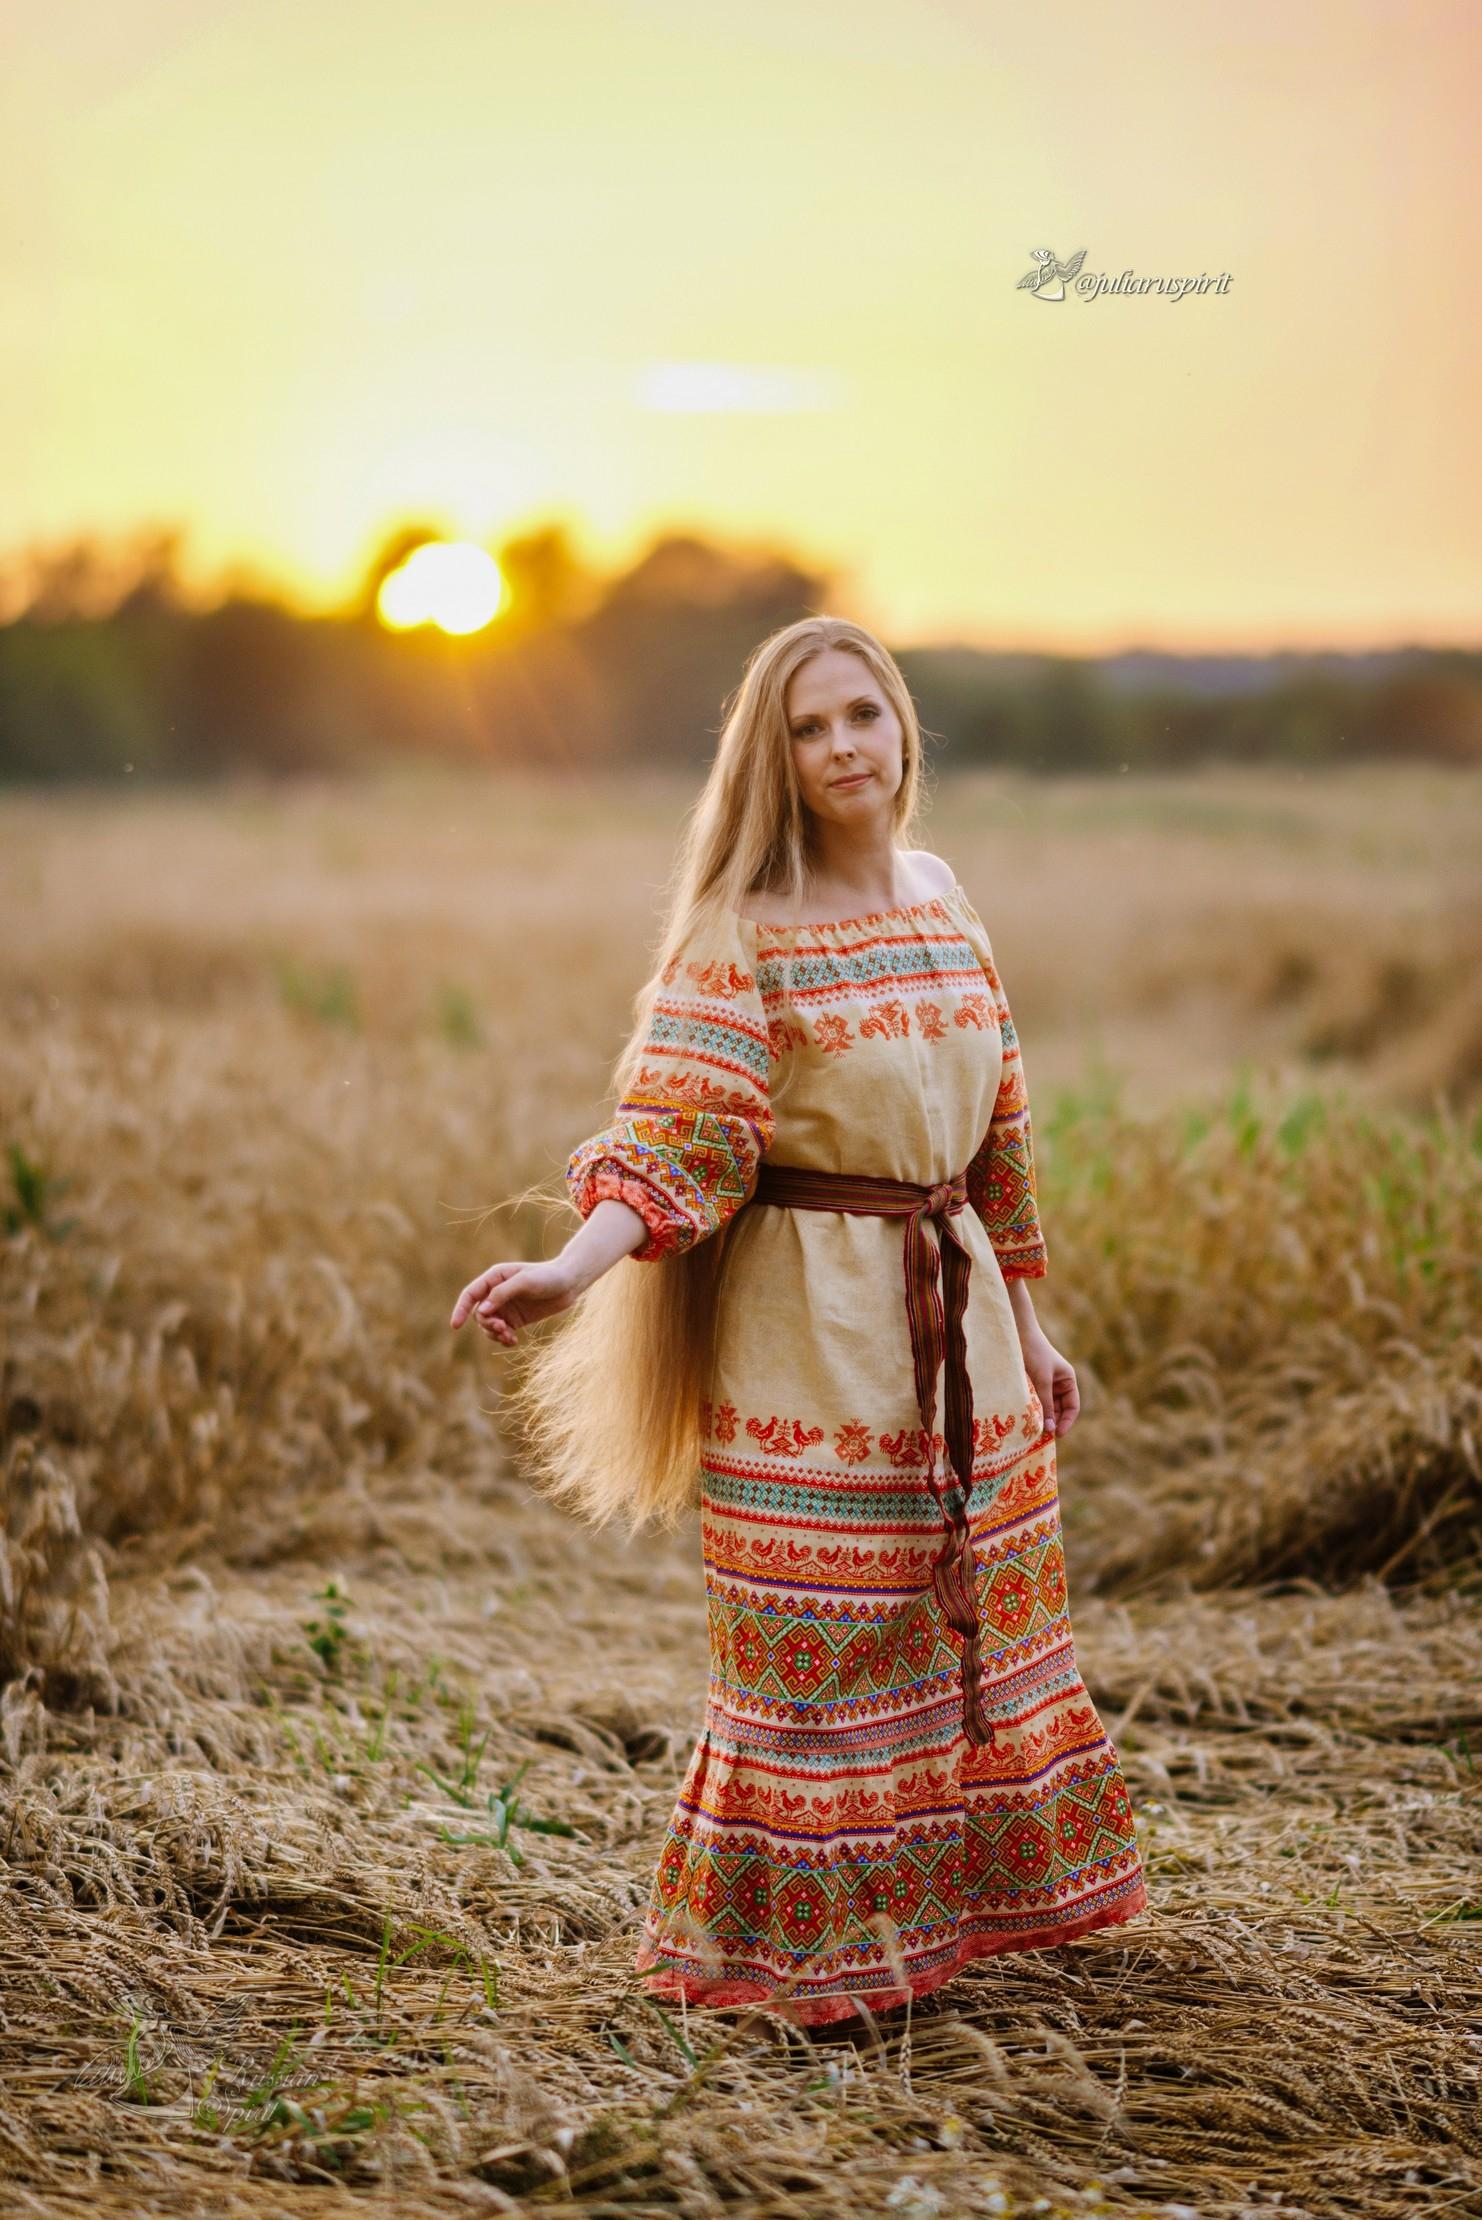 девушка в платье в русском стиле в поле на закате